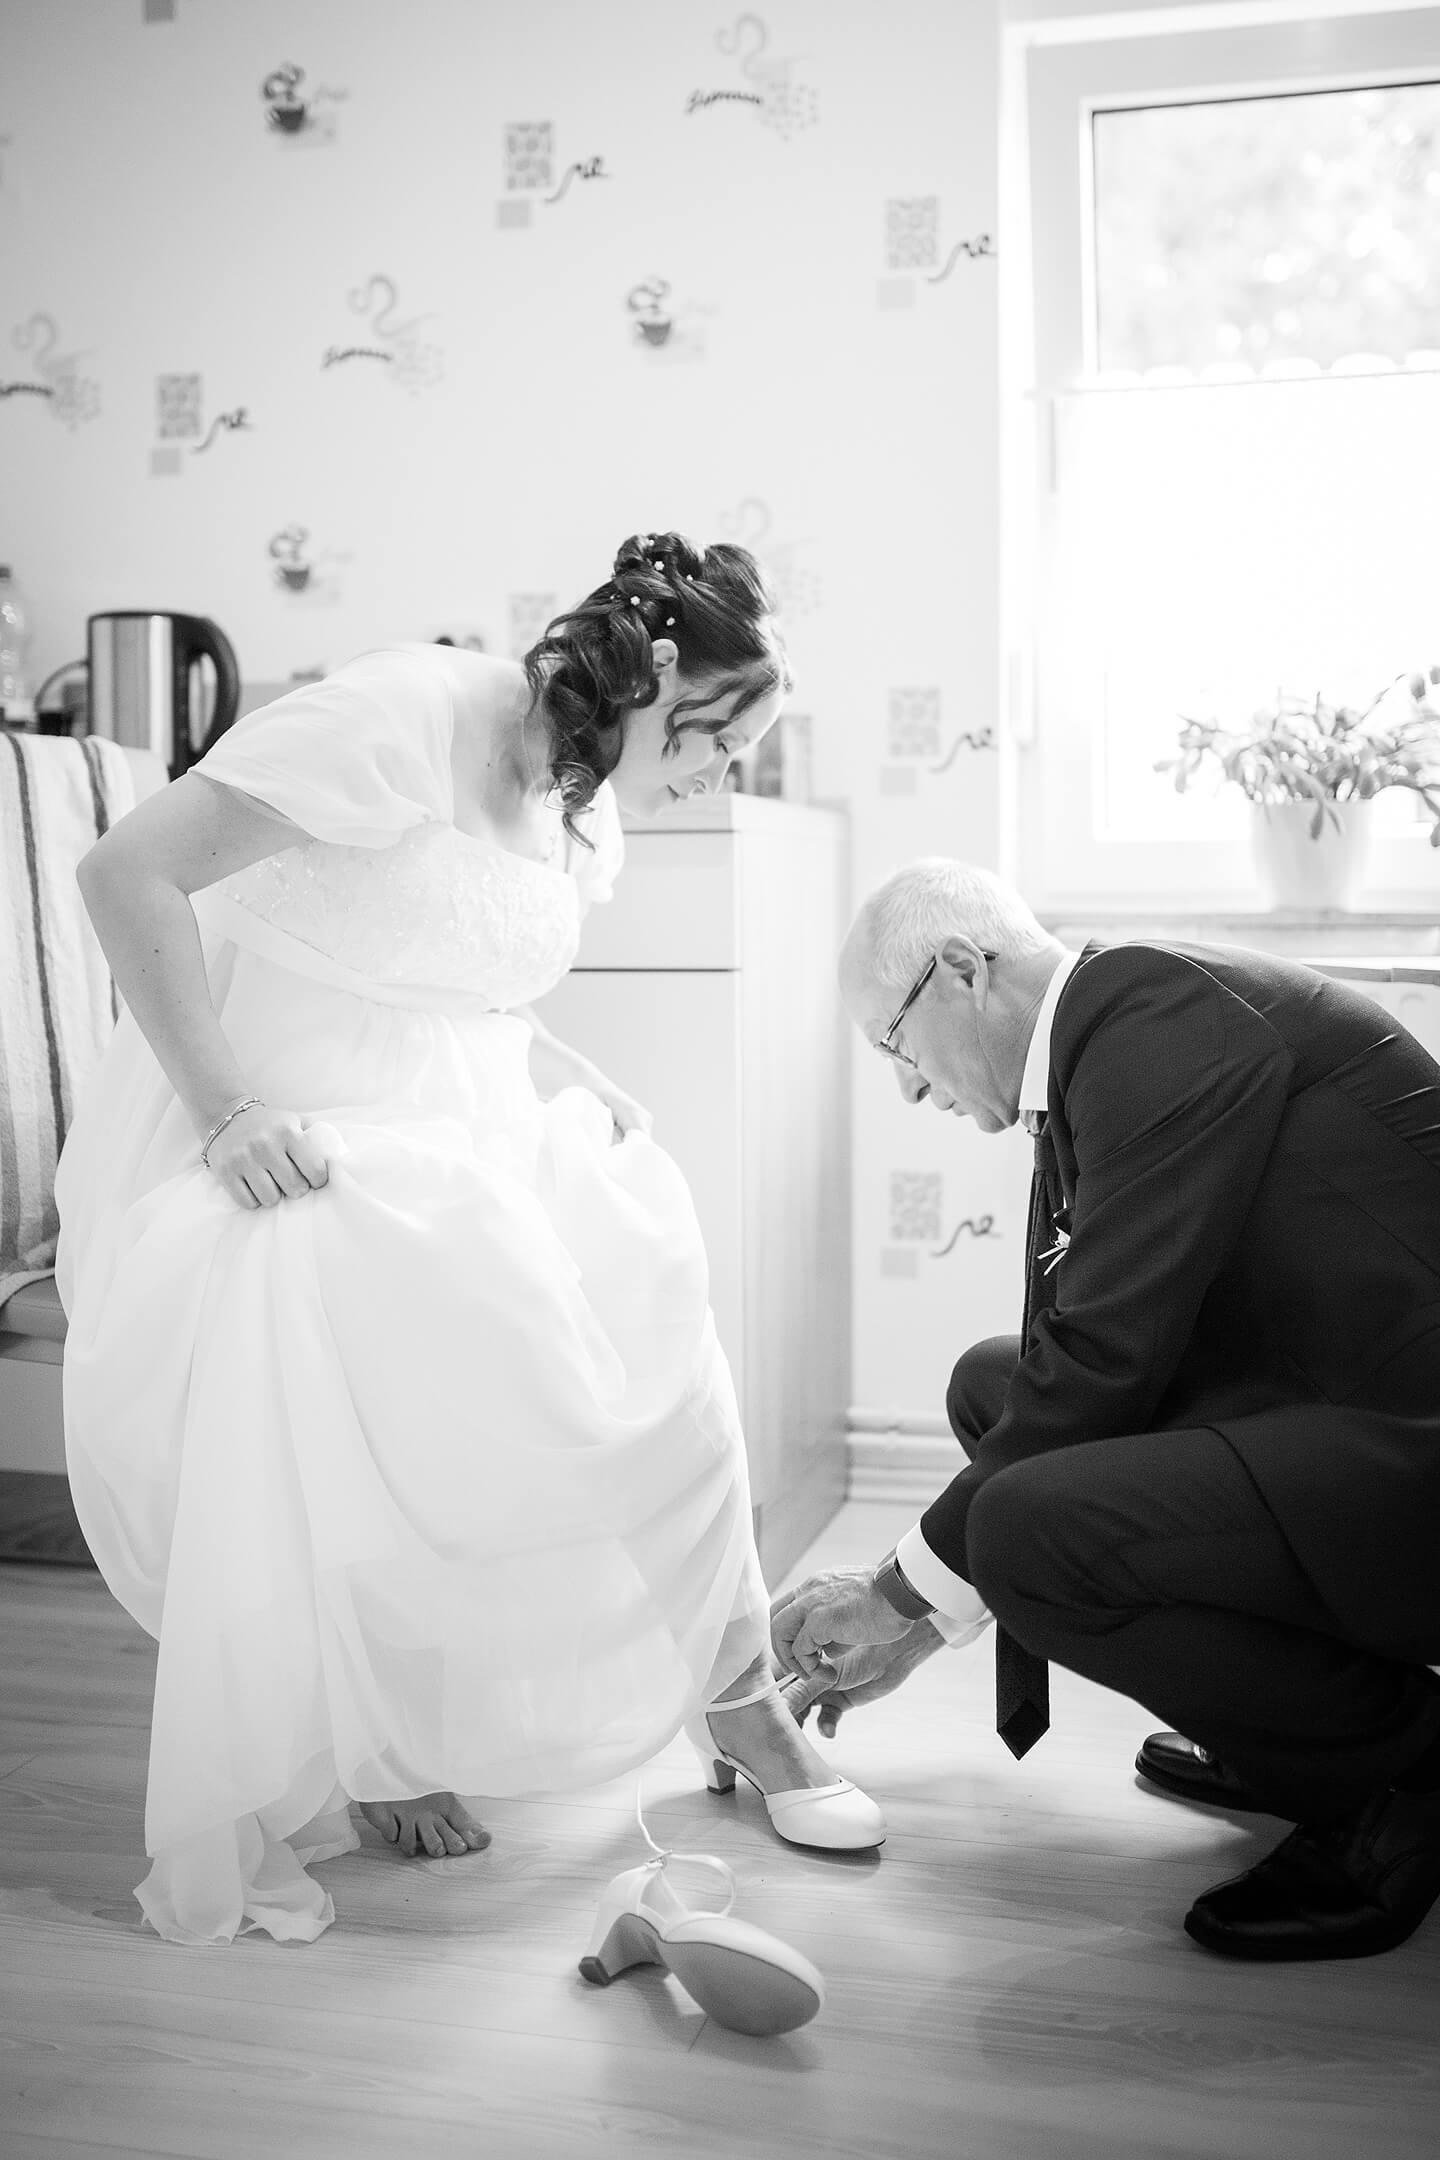 Vater zieht seiner Tochter die Brautschuhe an